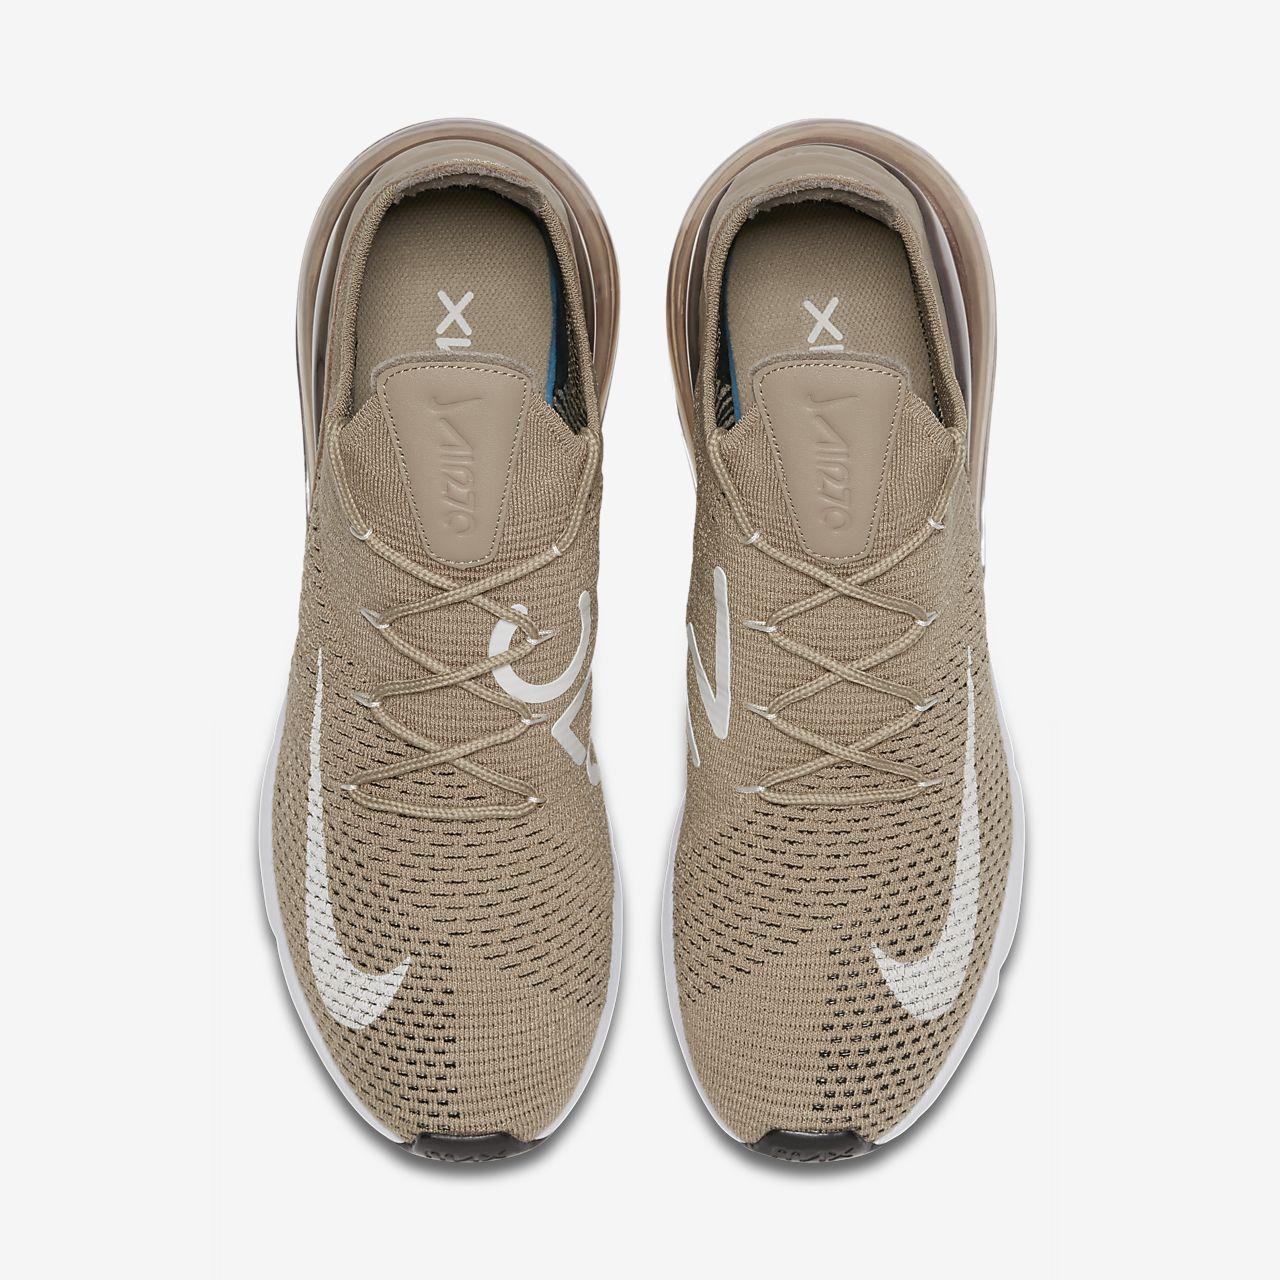 Calzado Nike Air Max 270 Flyknit para hombre